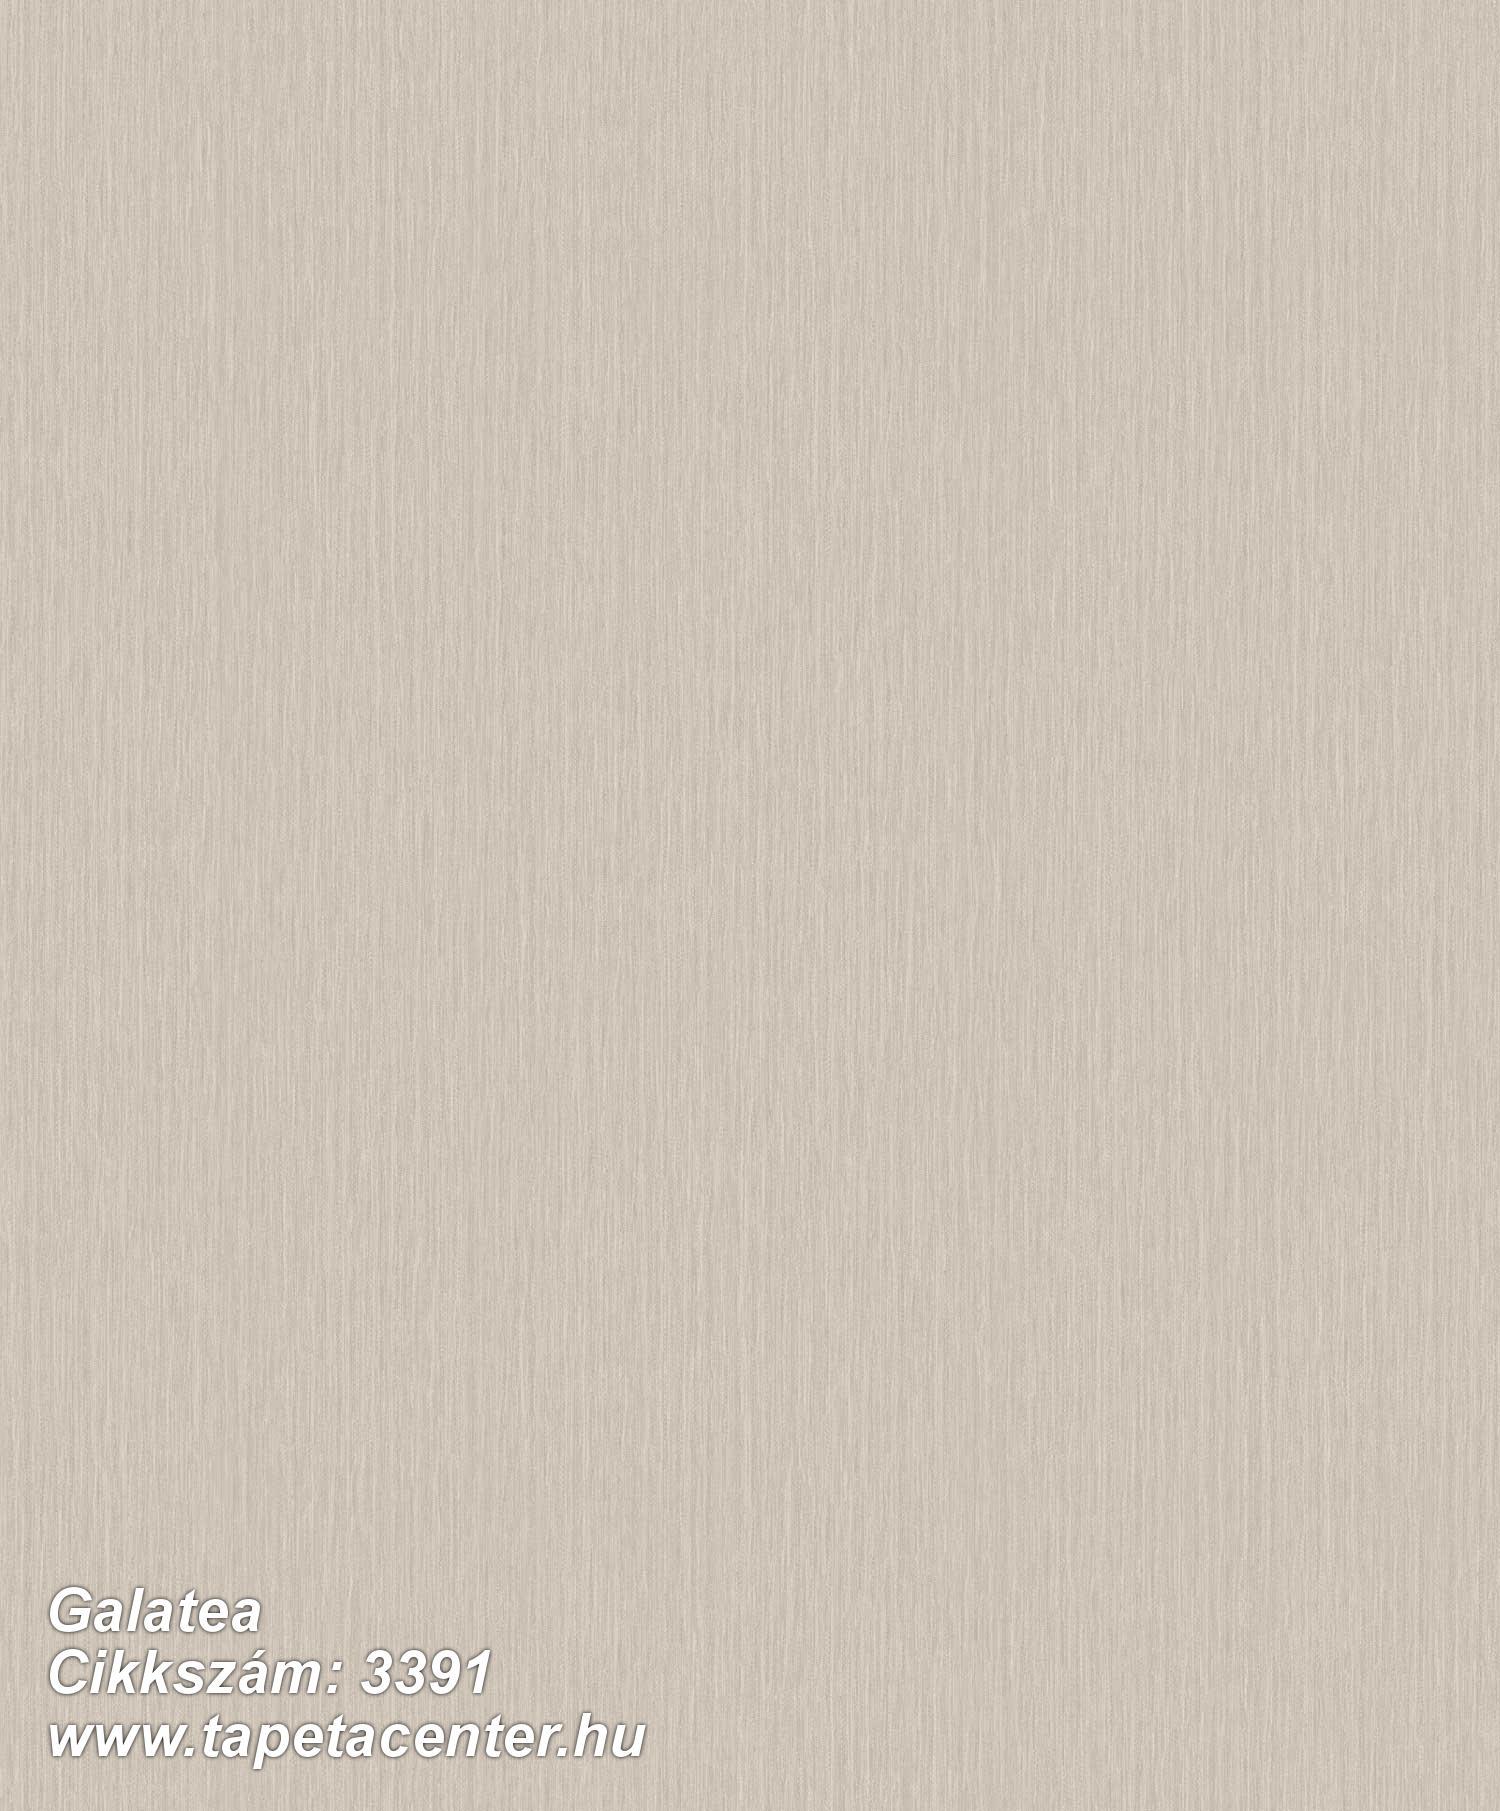 Galatea - 3391 Olasz tapéta